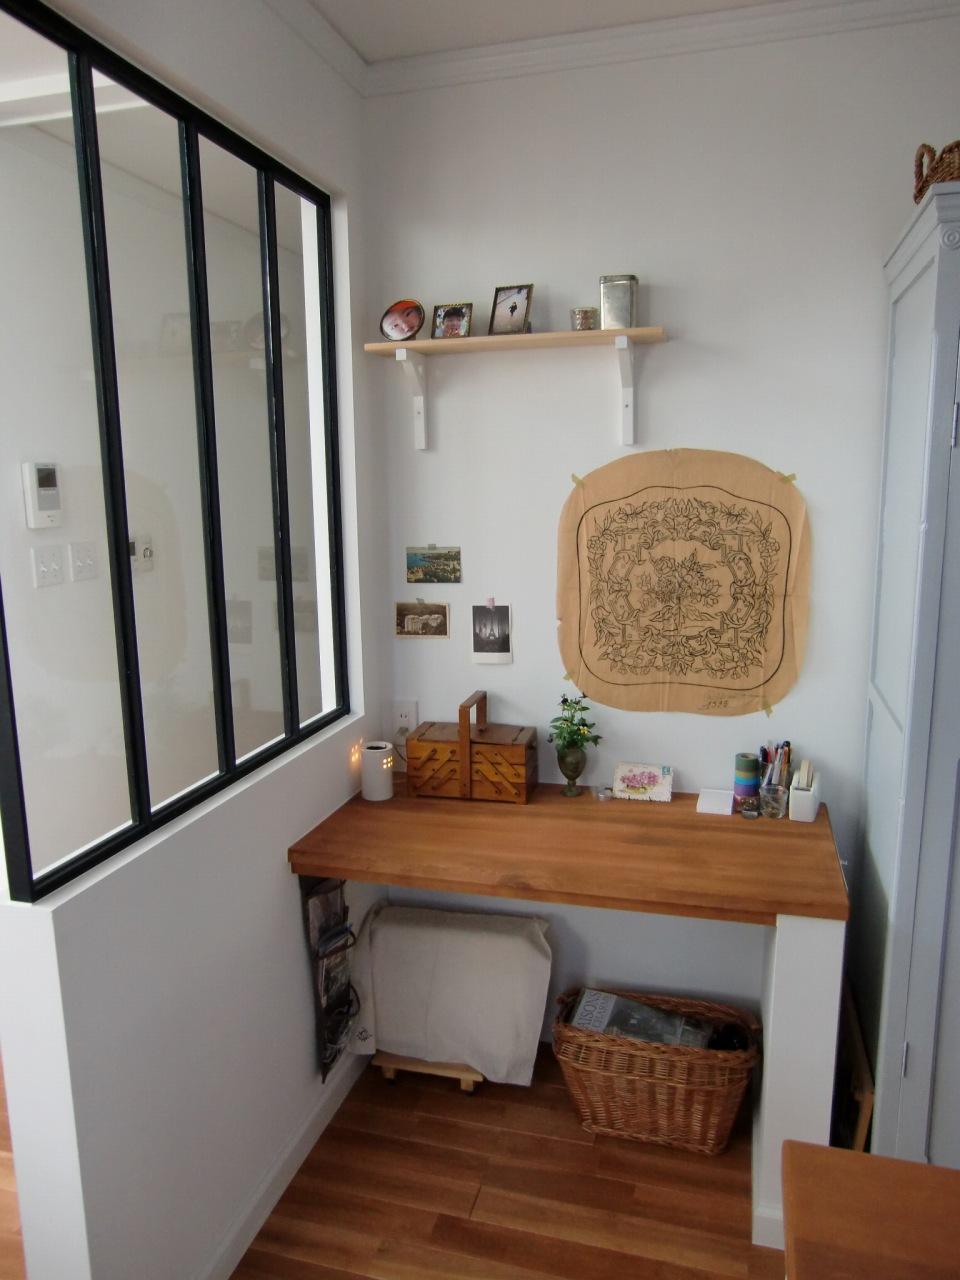 家事ワークコーナーはキッチンの一家に、リビングも見渡せるガラスパーテーション